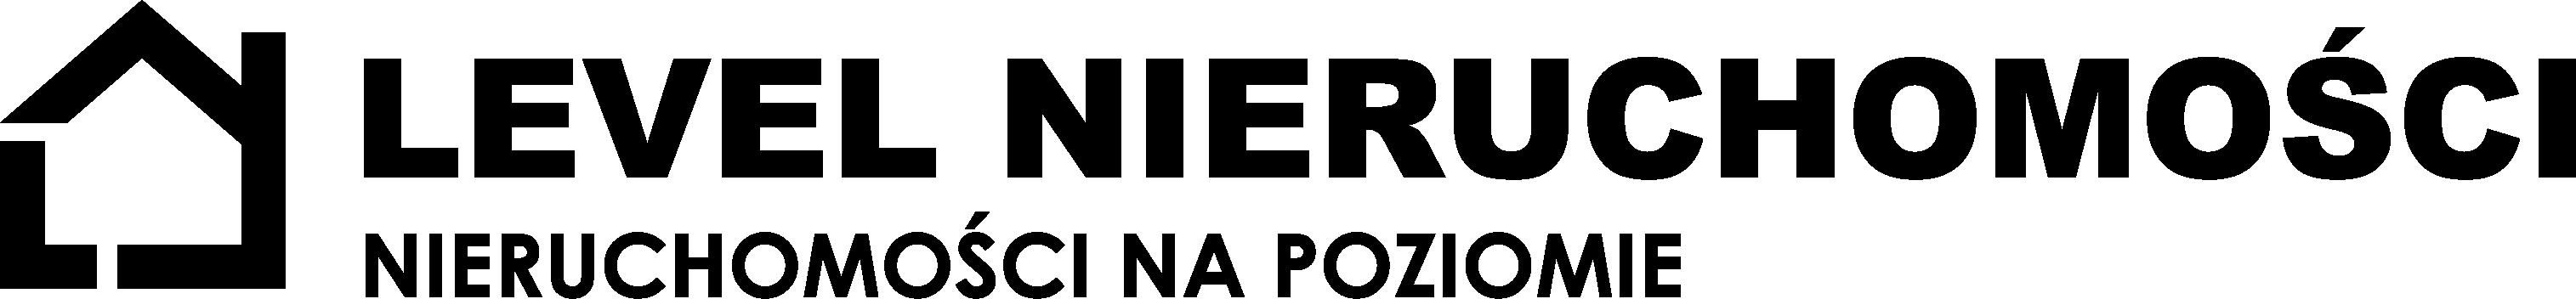 LEVEL Nieruchomości - biuro nieruchomości w Elblągu